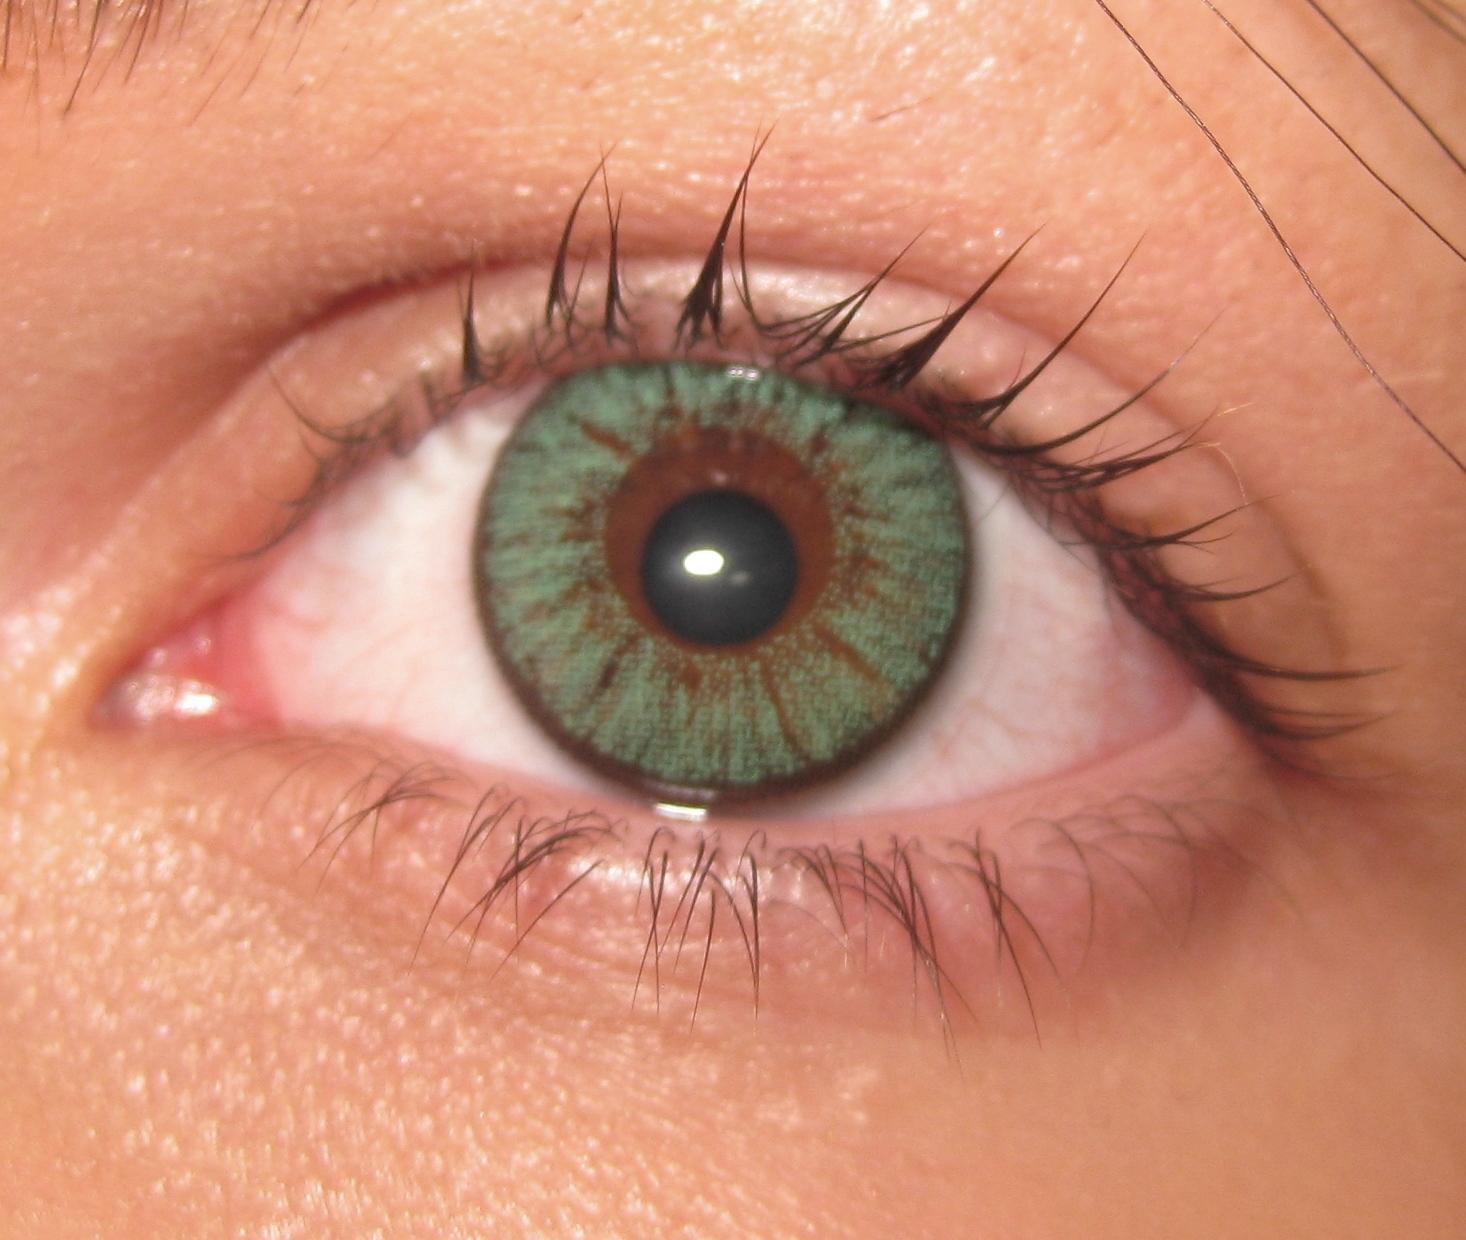 Farbige Kontaktlinse rutscht? (Gesundheit und Medizin, Augen ...